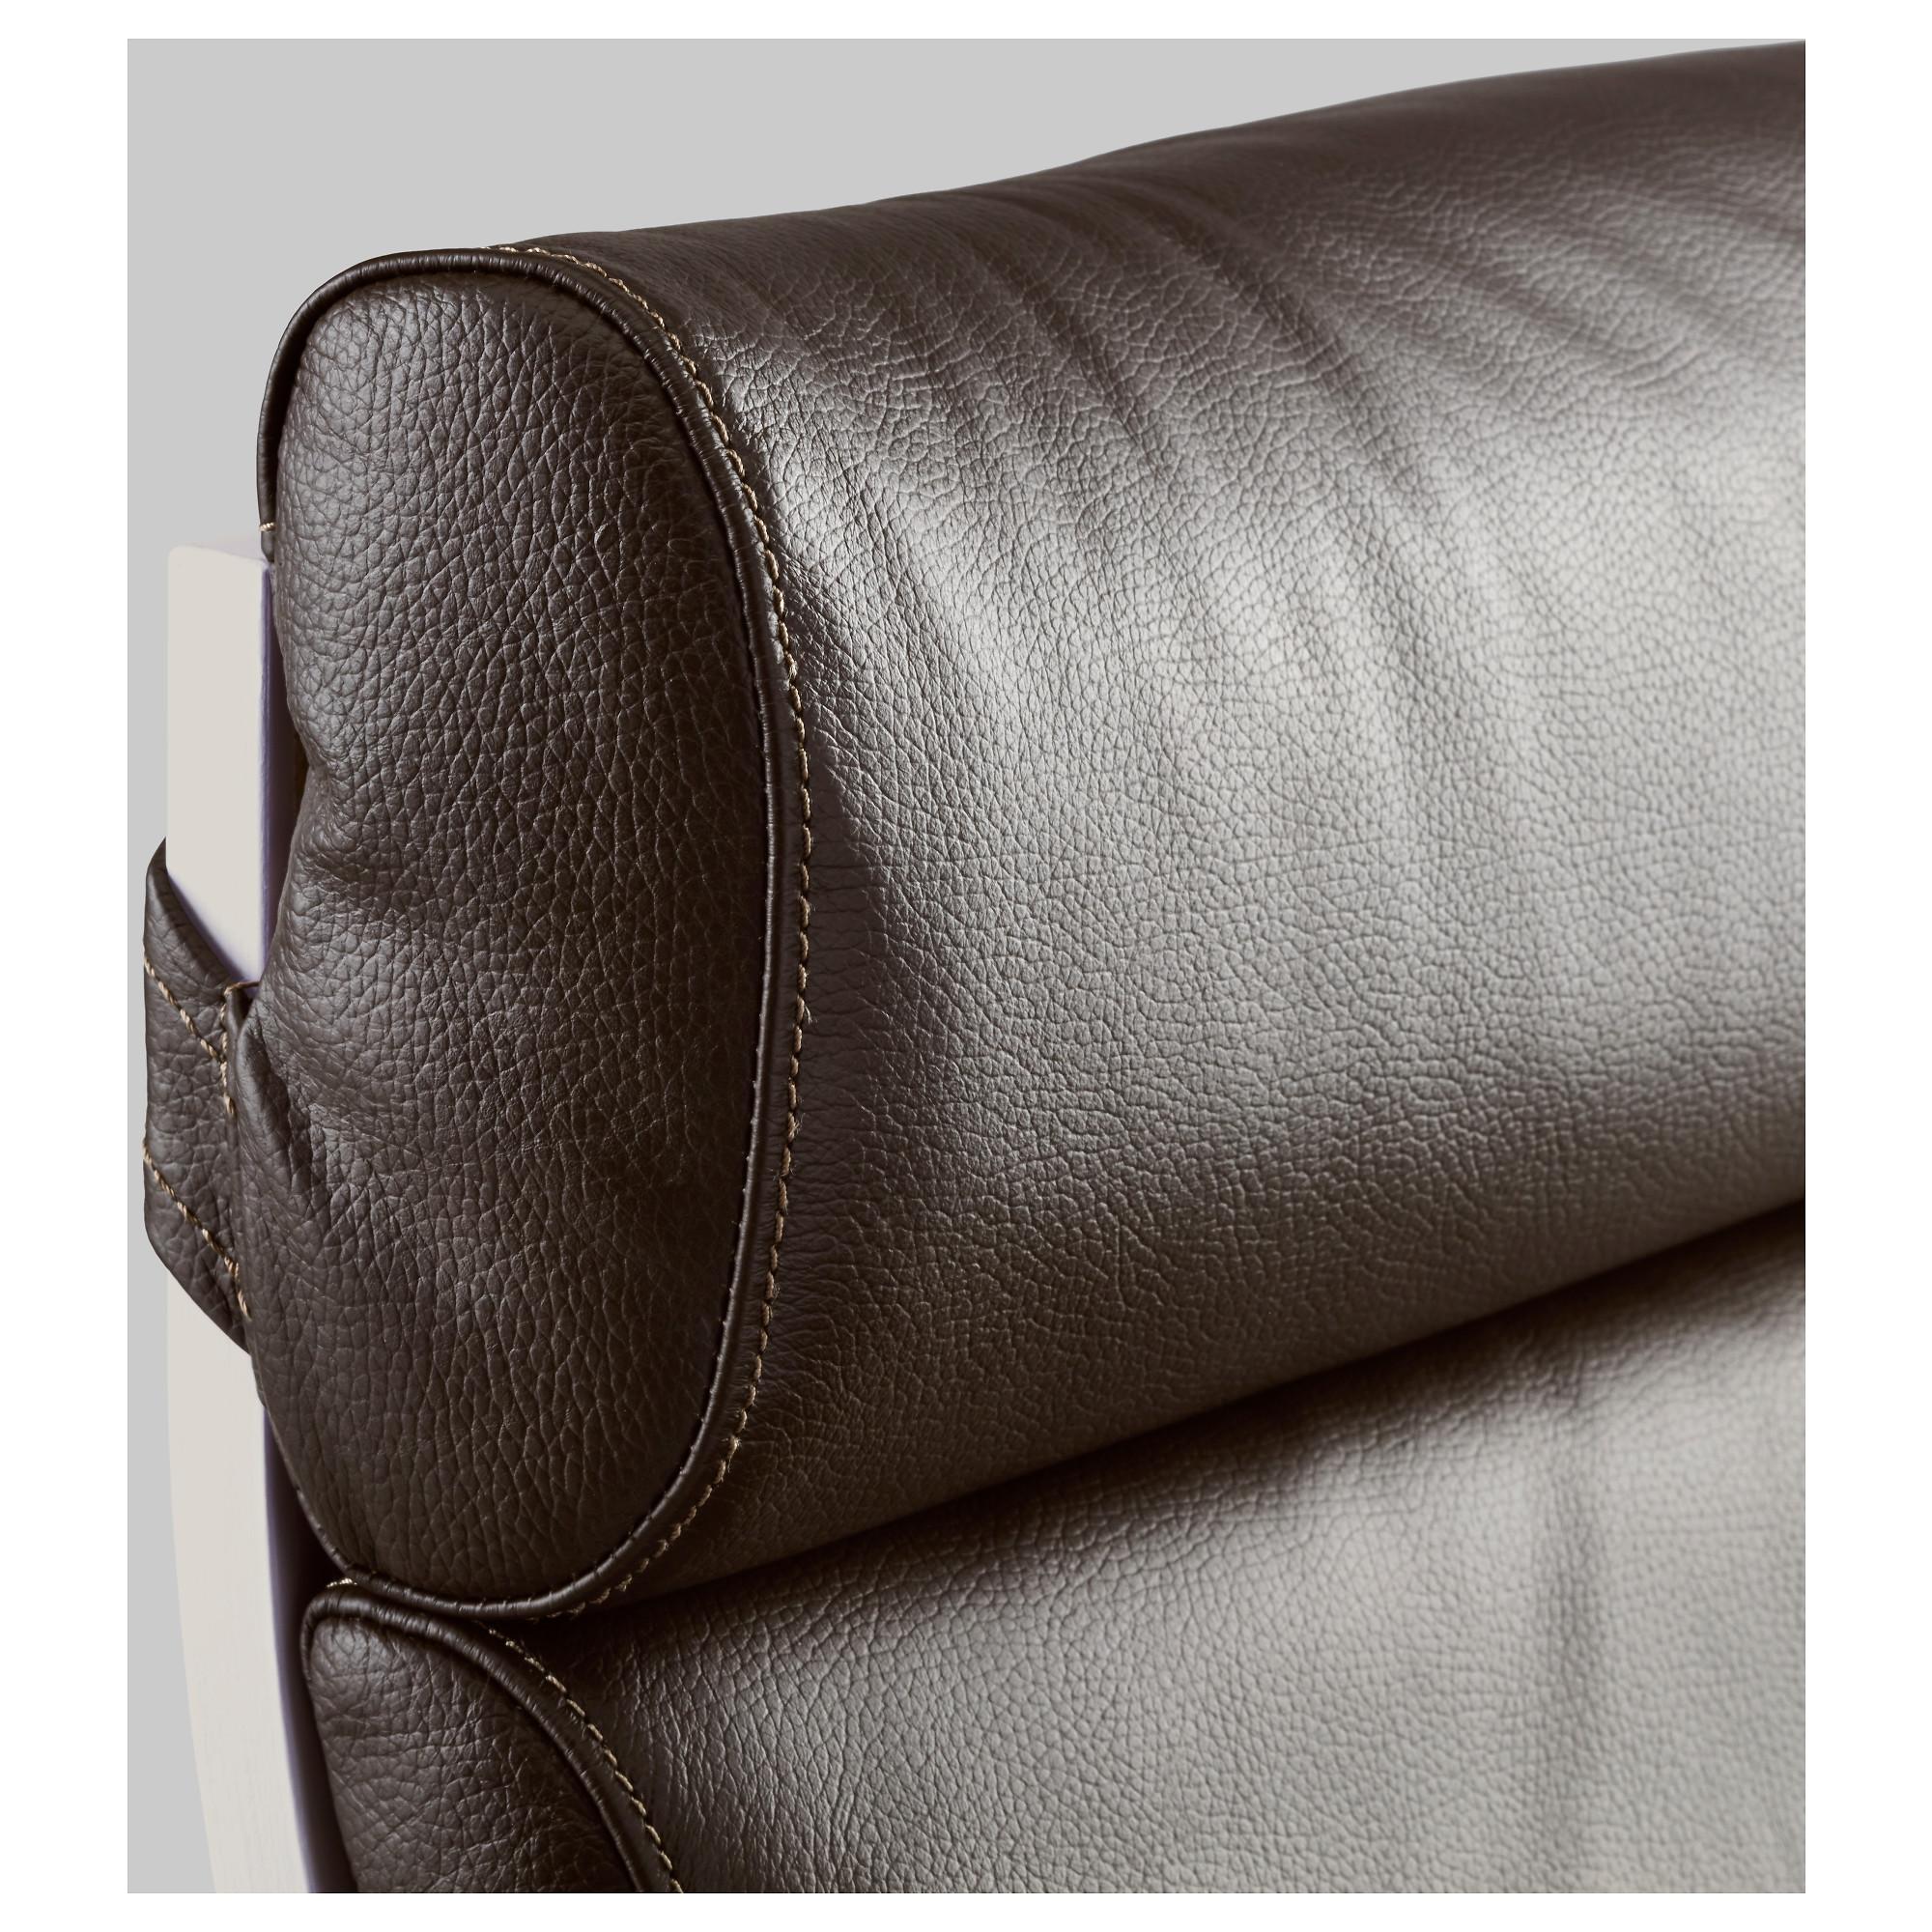 Кресло ПОЭНГ темно-коричневый артикуль № 092.514.71 в наличии. Онлайн магазин ИКЕА Республика Беларусь. Недорогая доставка и монтаж.